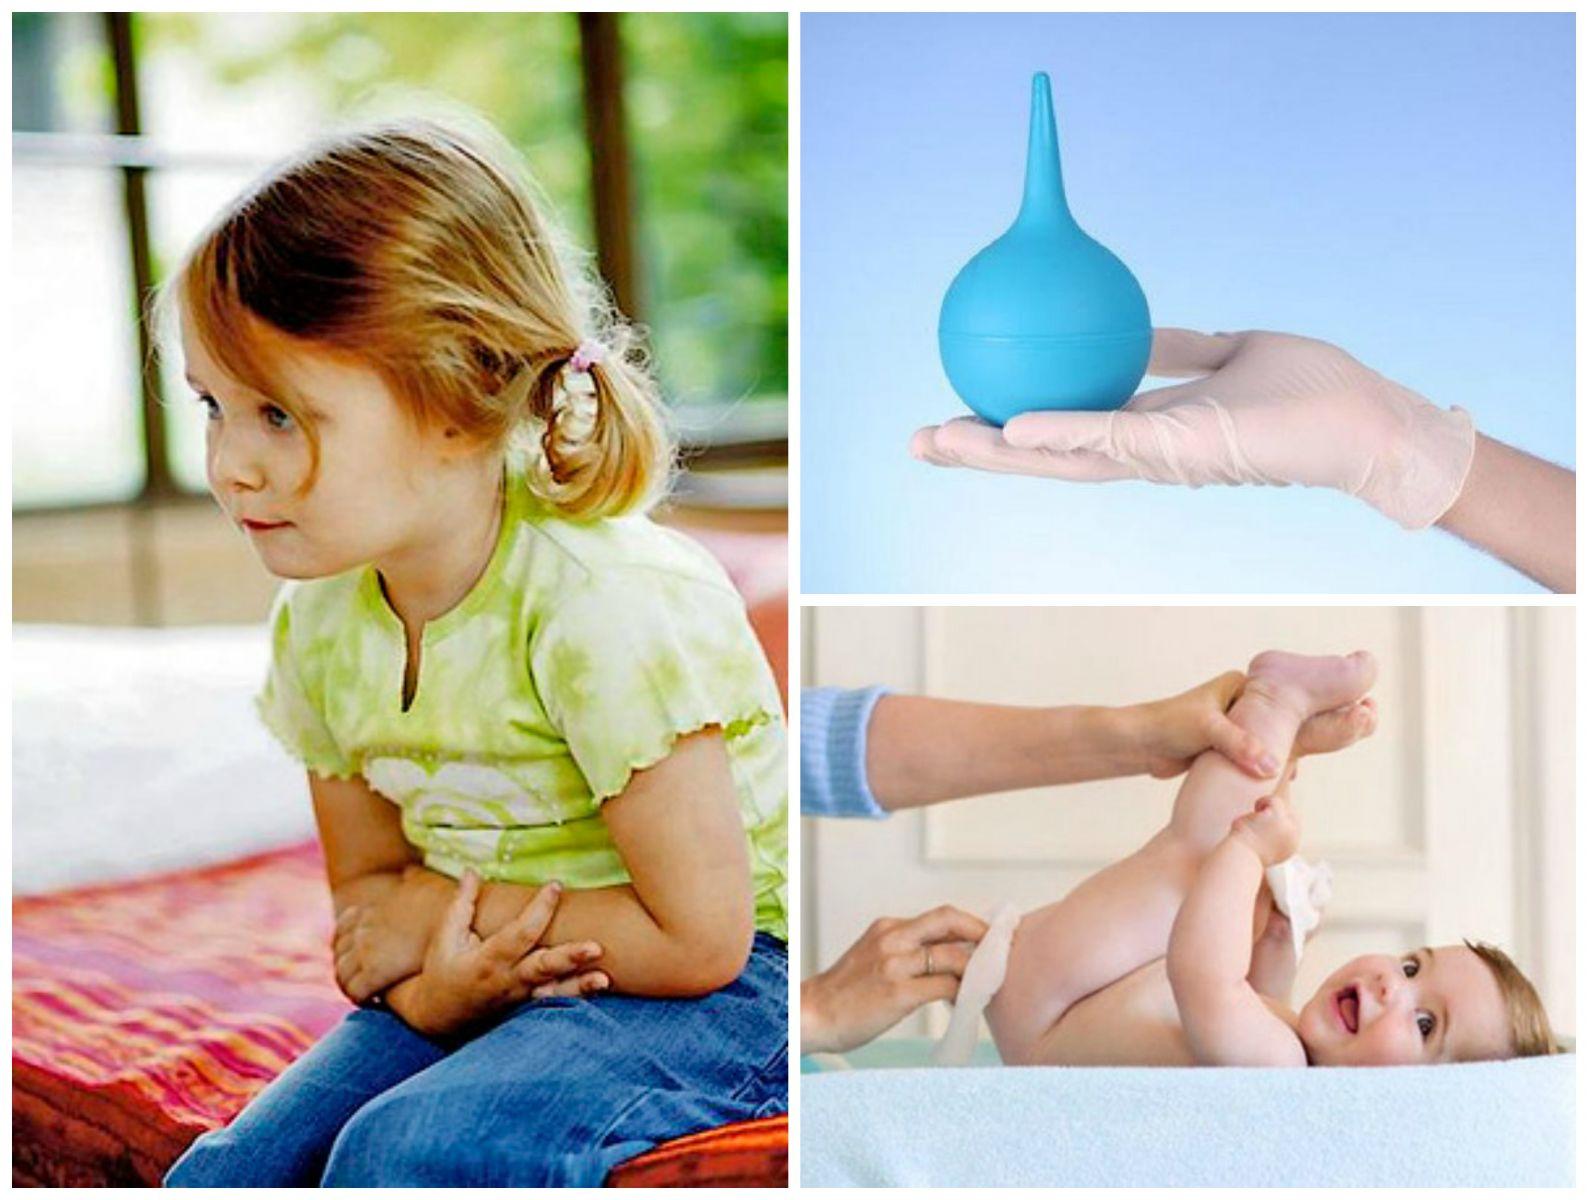 Как правильно сделать клизму грудному (новорожденному) ребенку 63